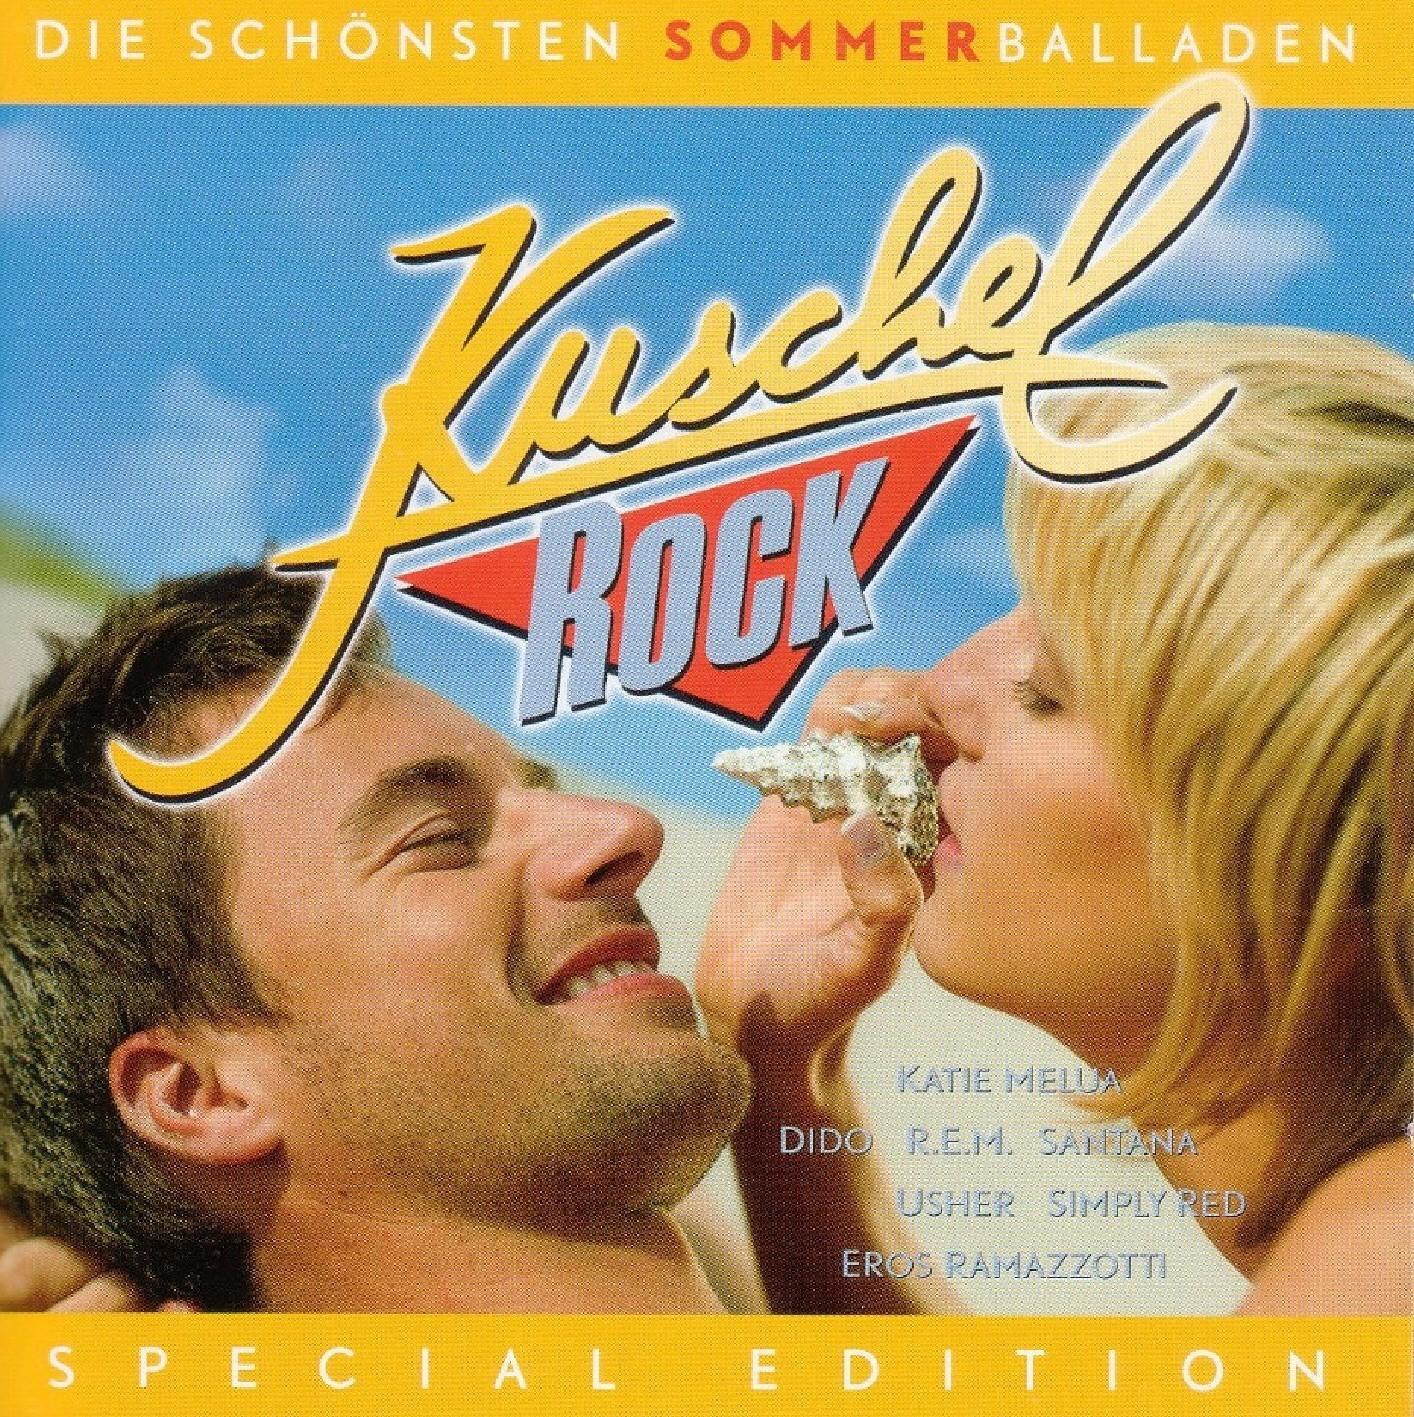 kuschelrock special edition rock hymnen